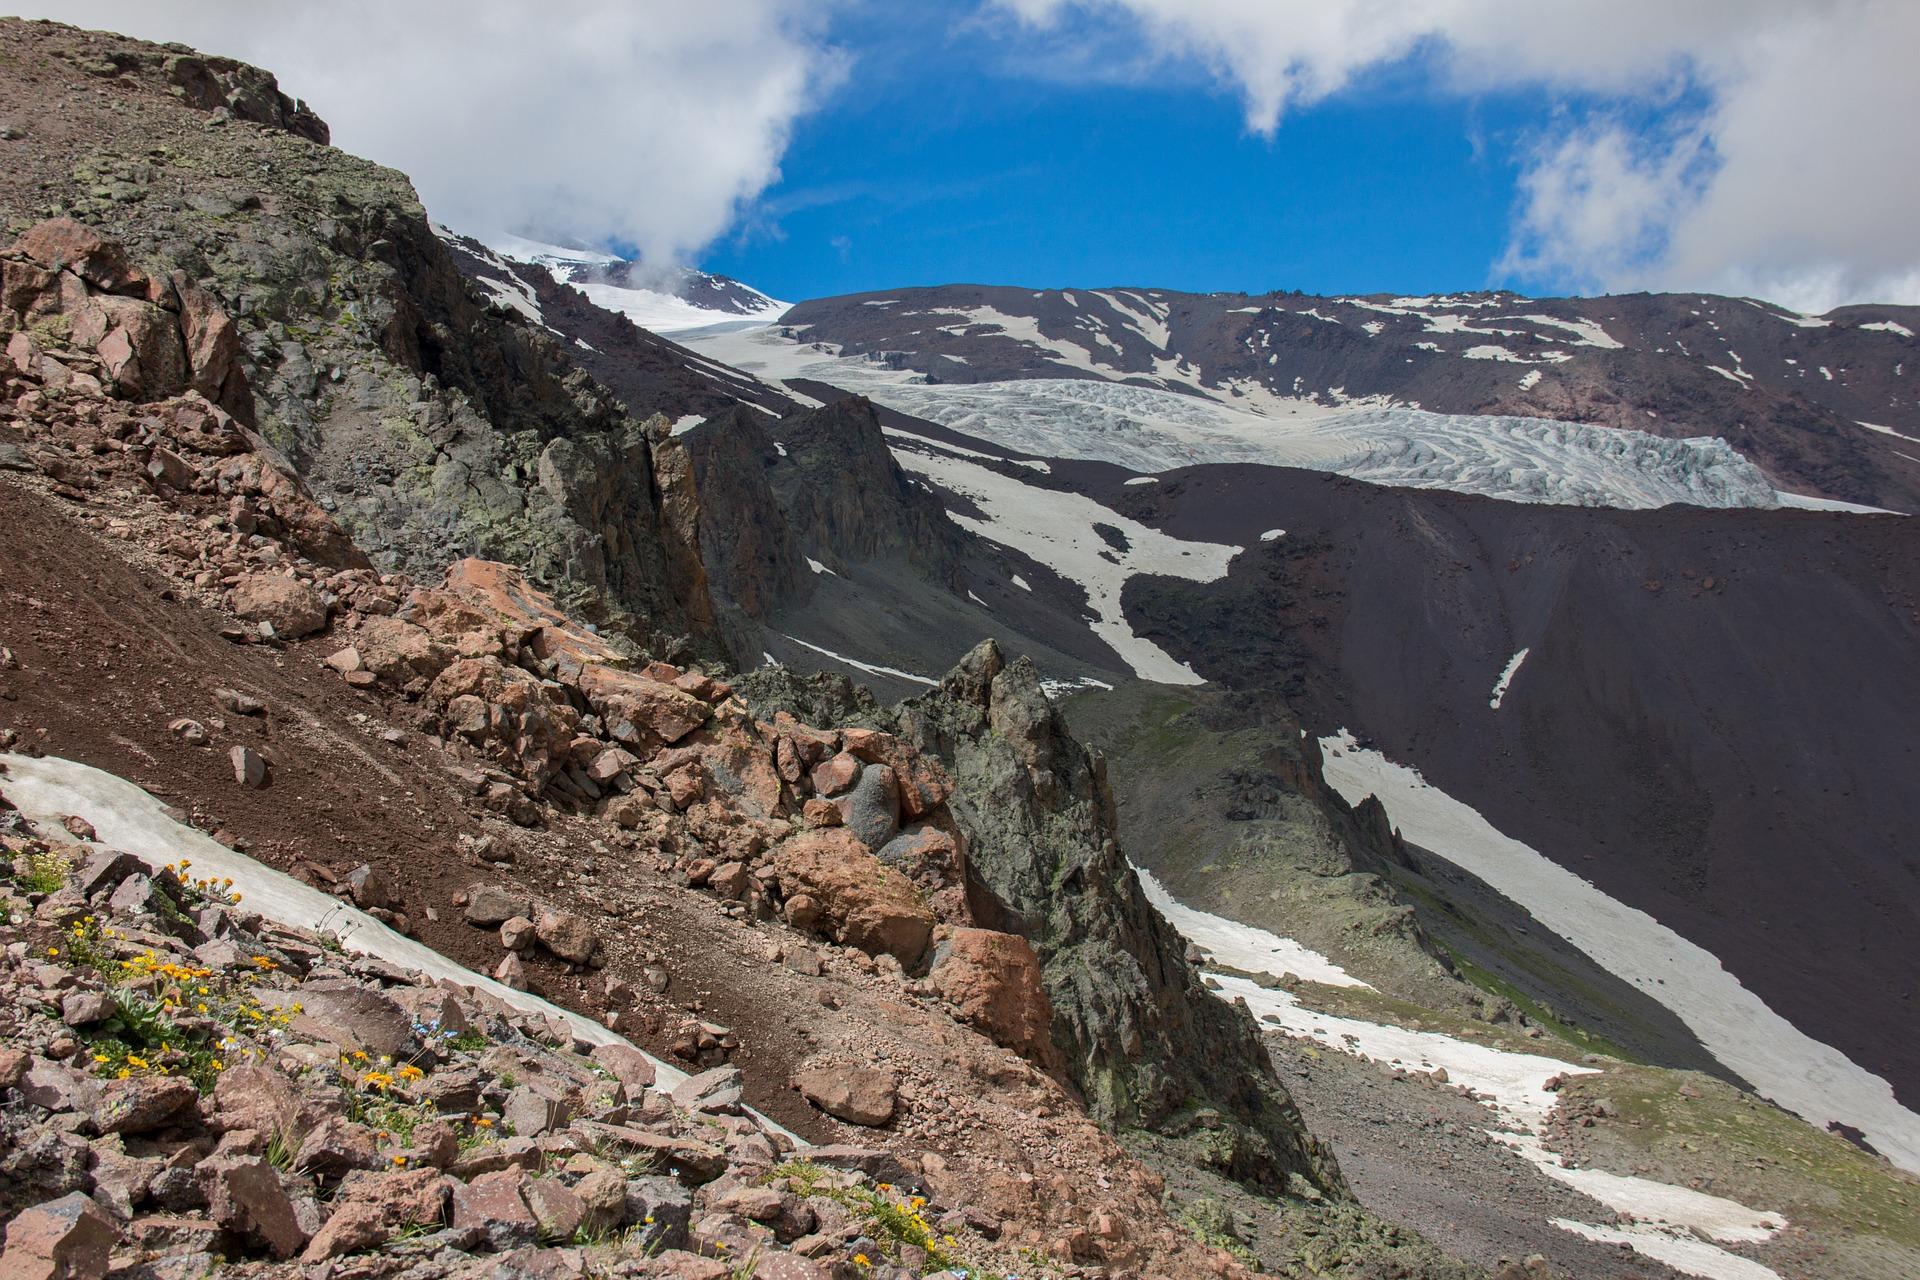 elbrus-region-854227_1920